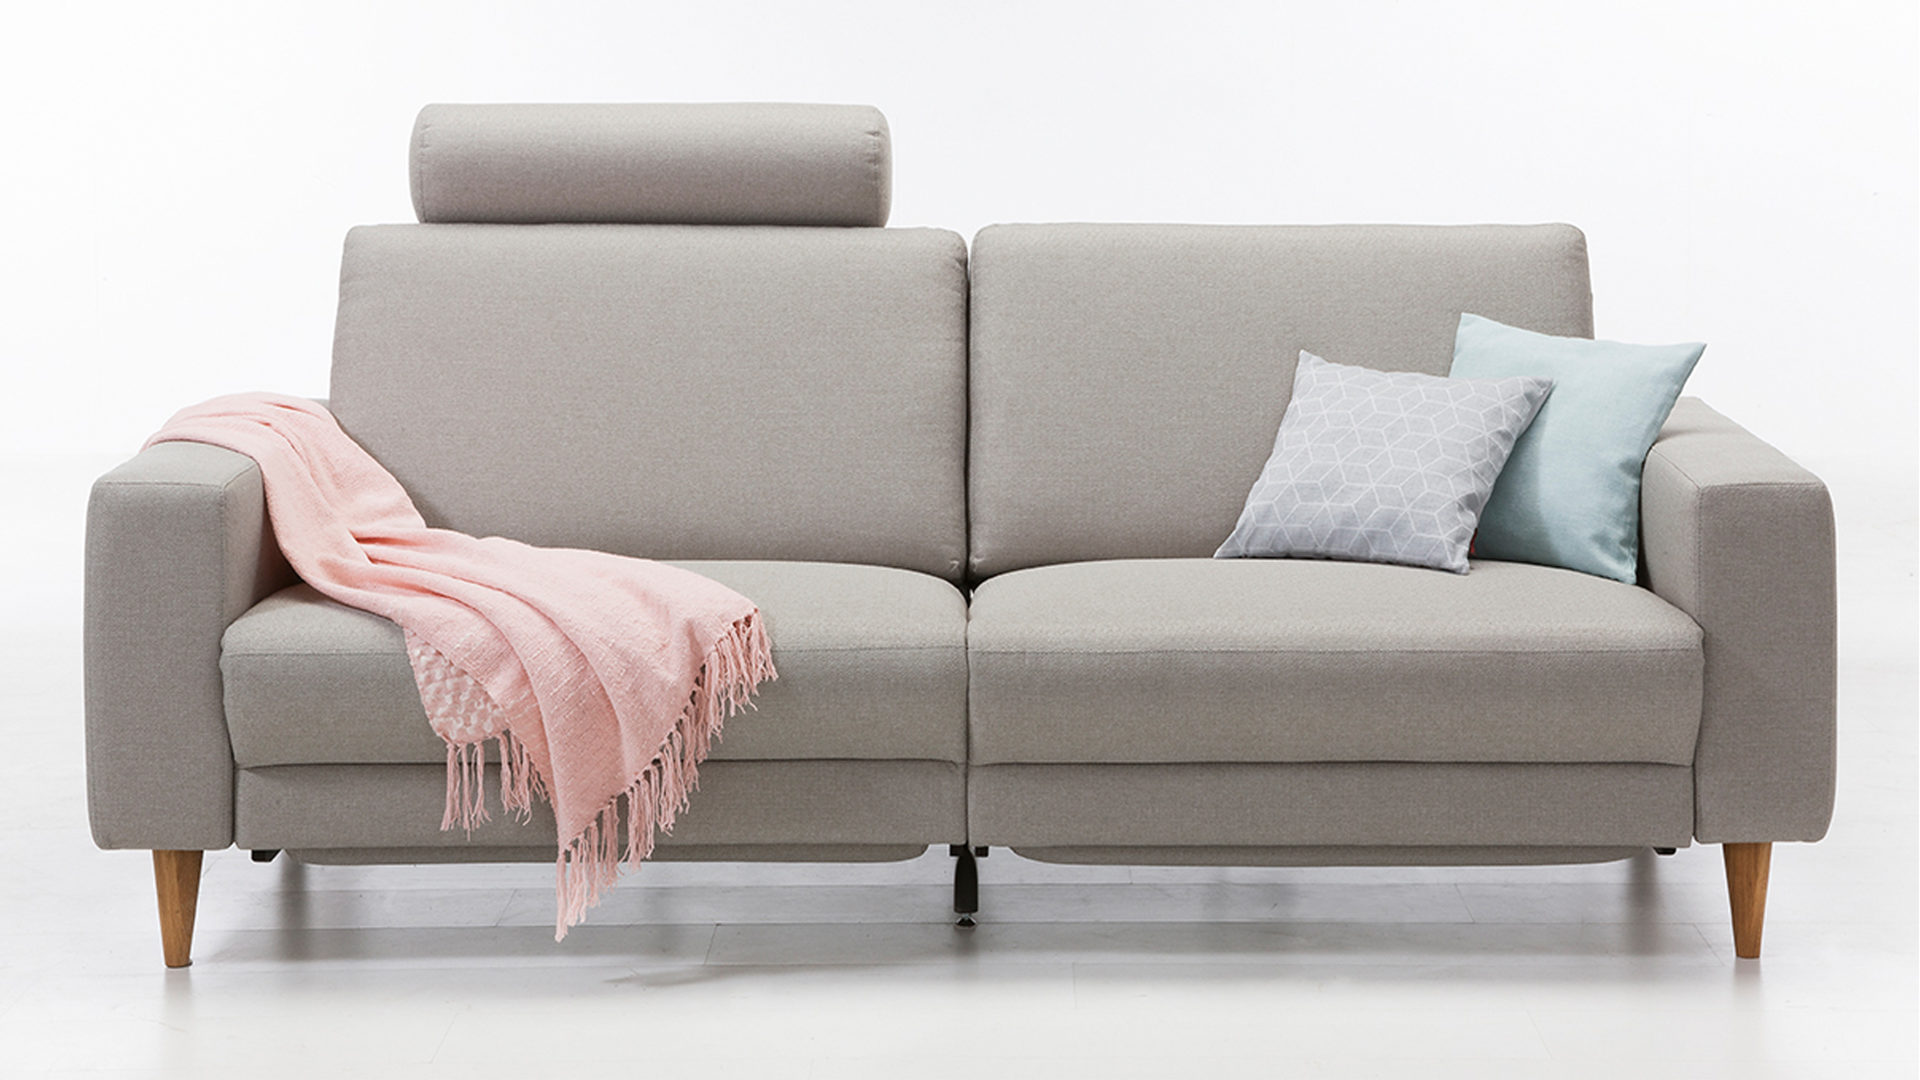 Malerisch Sofa Mit Funktion Das Beste Von Einrichtungspartnerring, Zweisitzer-sofa - Polstermöbel, Zweisitzer-sofa, Zweisitzer-sofa -